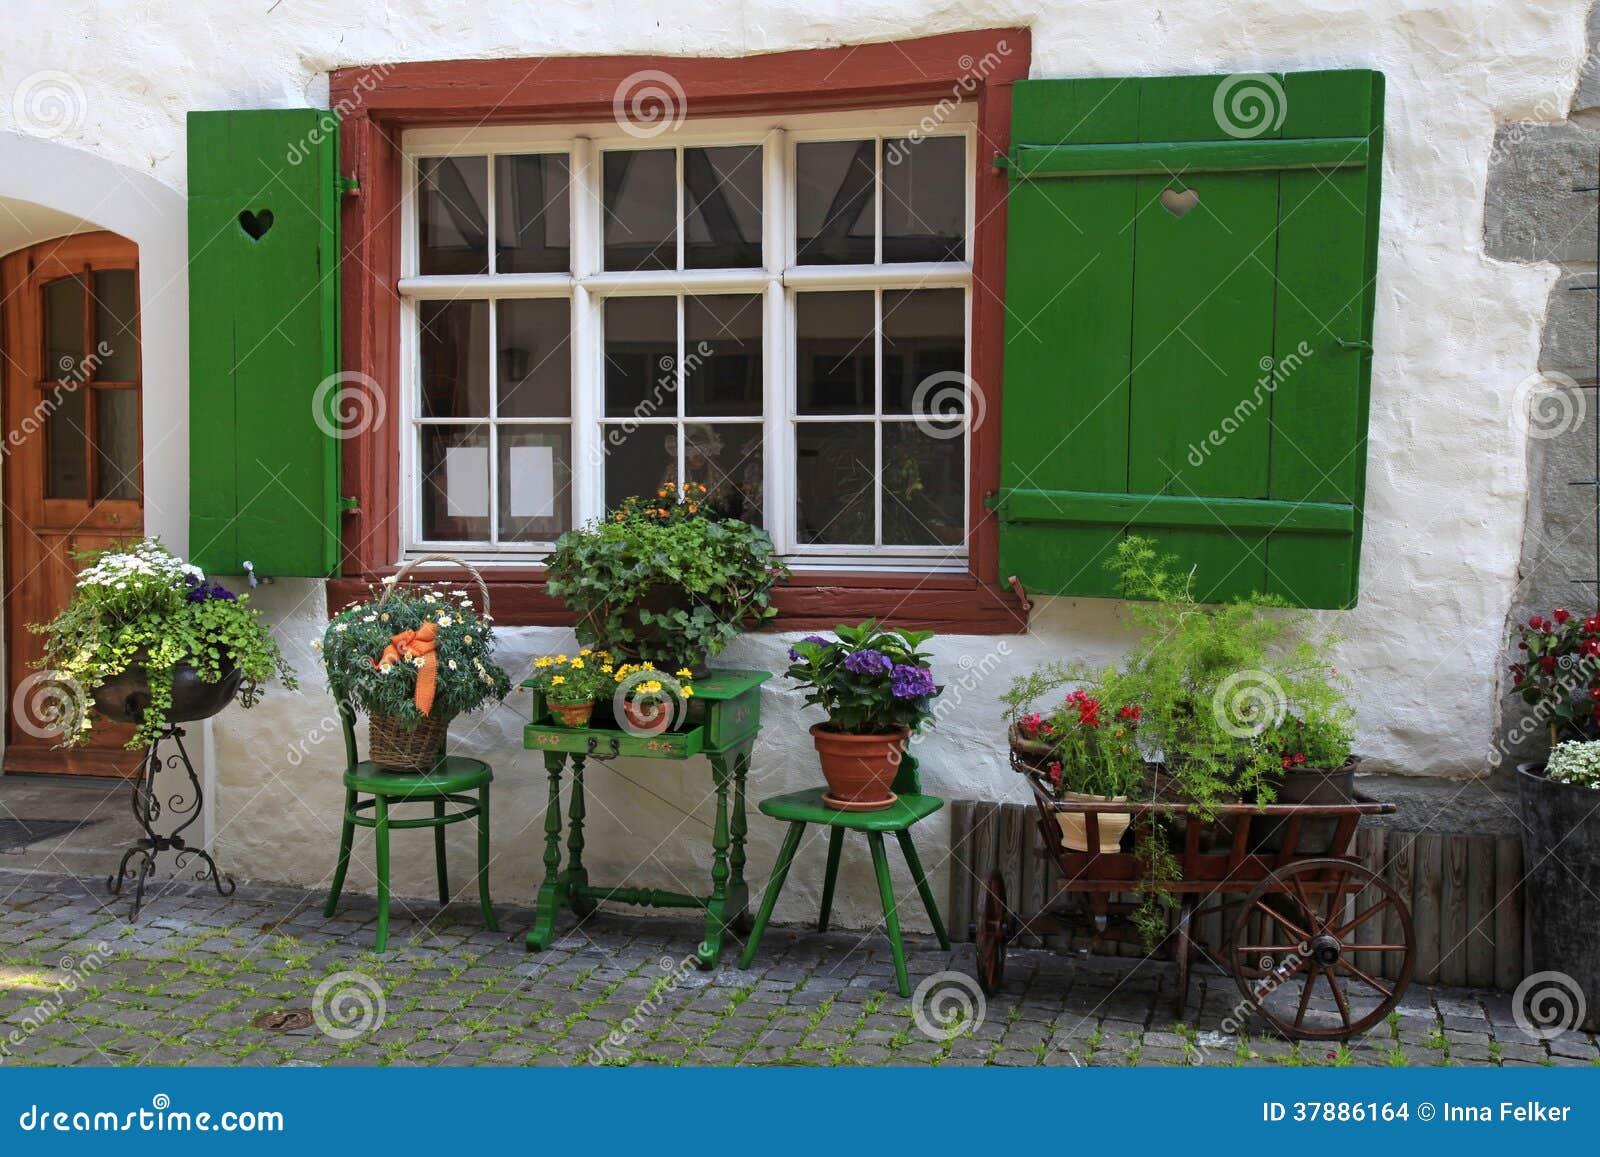 Rustiek venster met groene blinden en bloempotten